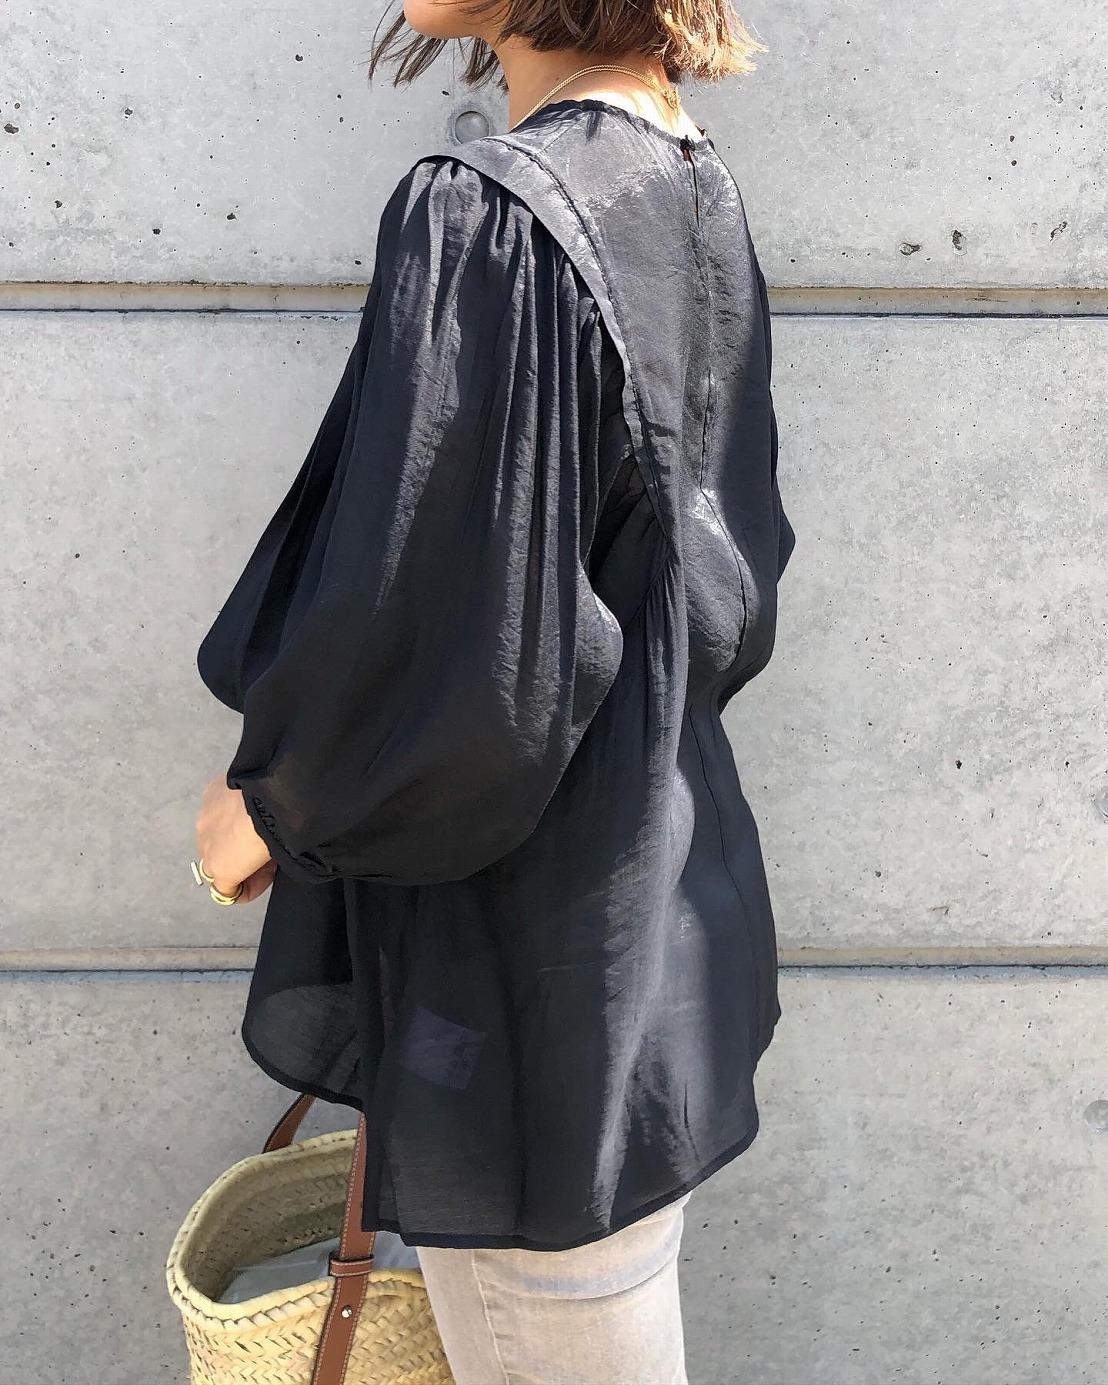 【SOLD OUT】シアーボリュームスリーブブラウス ブラック